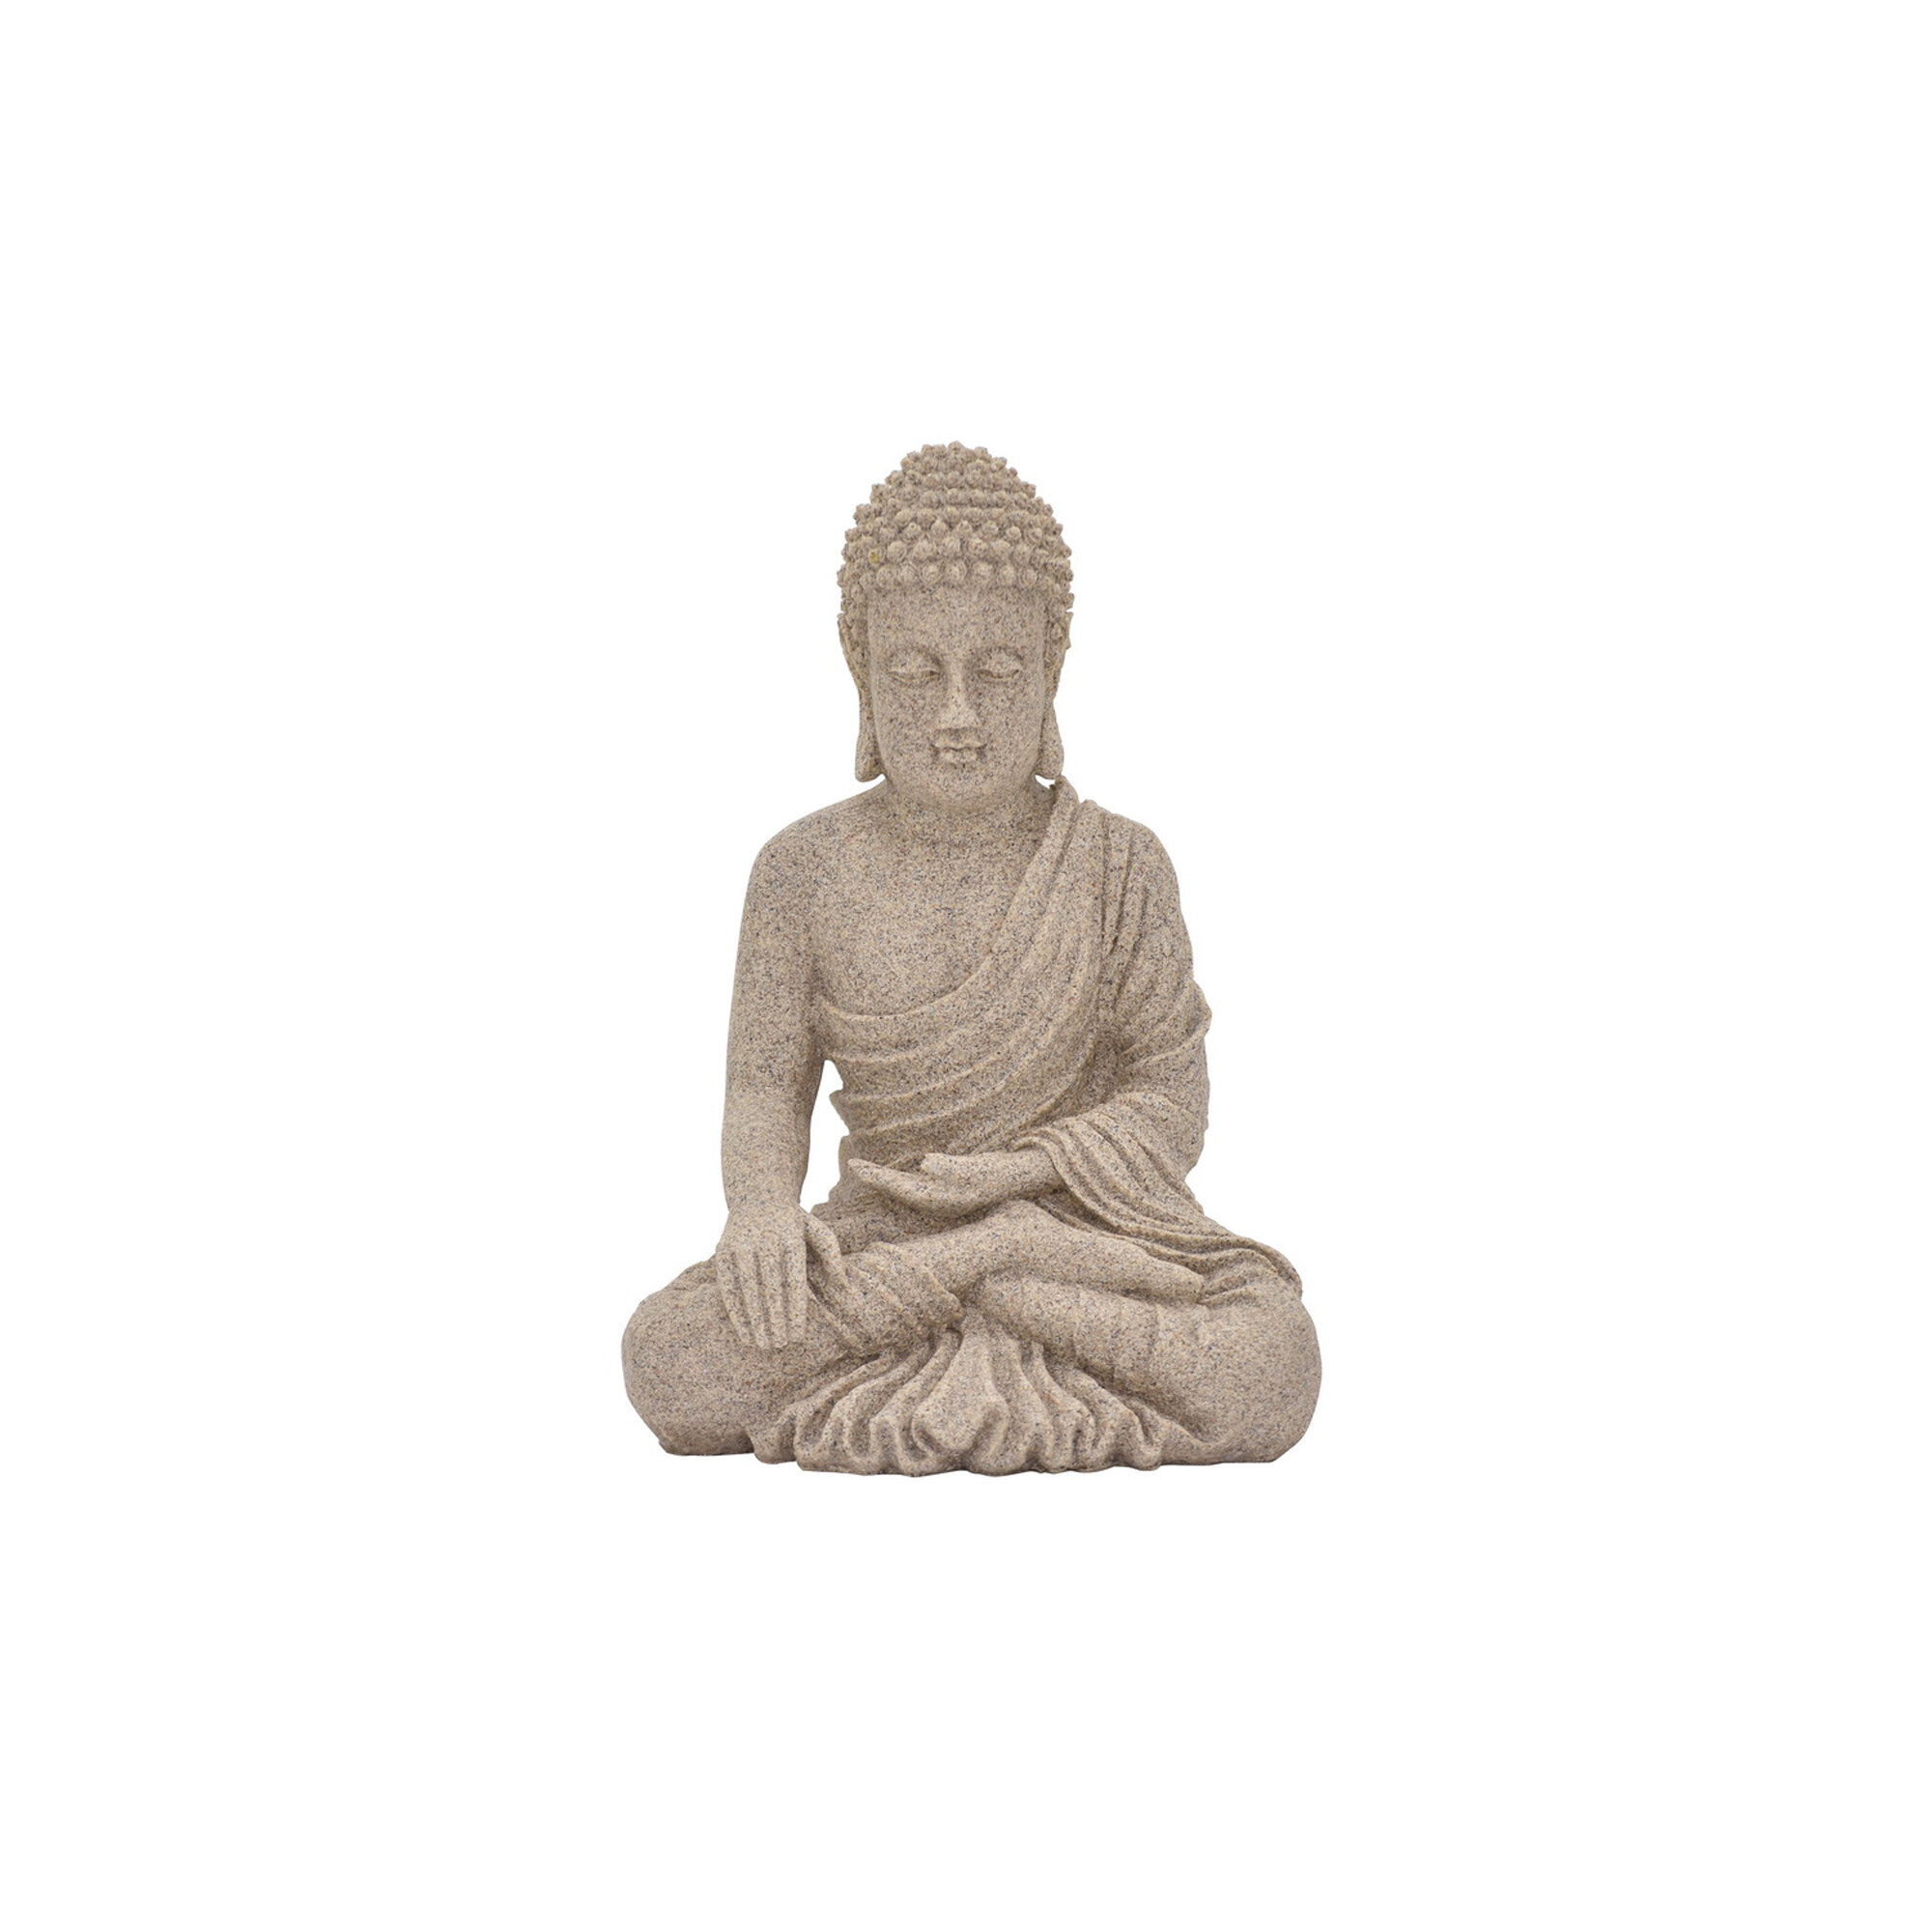 World Menagerie Ishiro Resin Buddha Sitting Figurine Wayfair